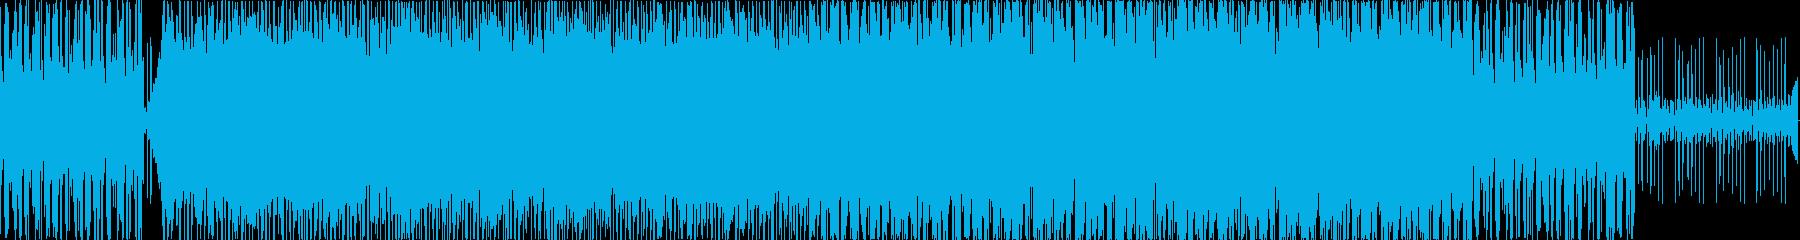 お洒落・ポジティブ・シンプルなBGMの再生済みの波形